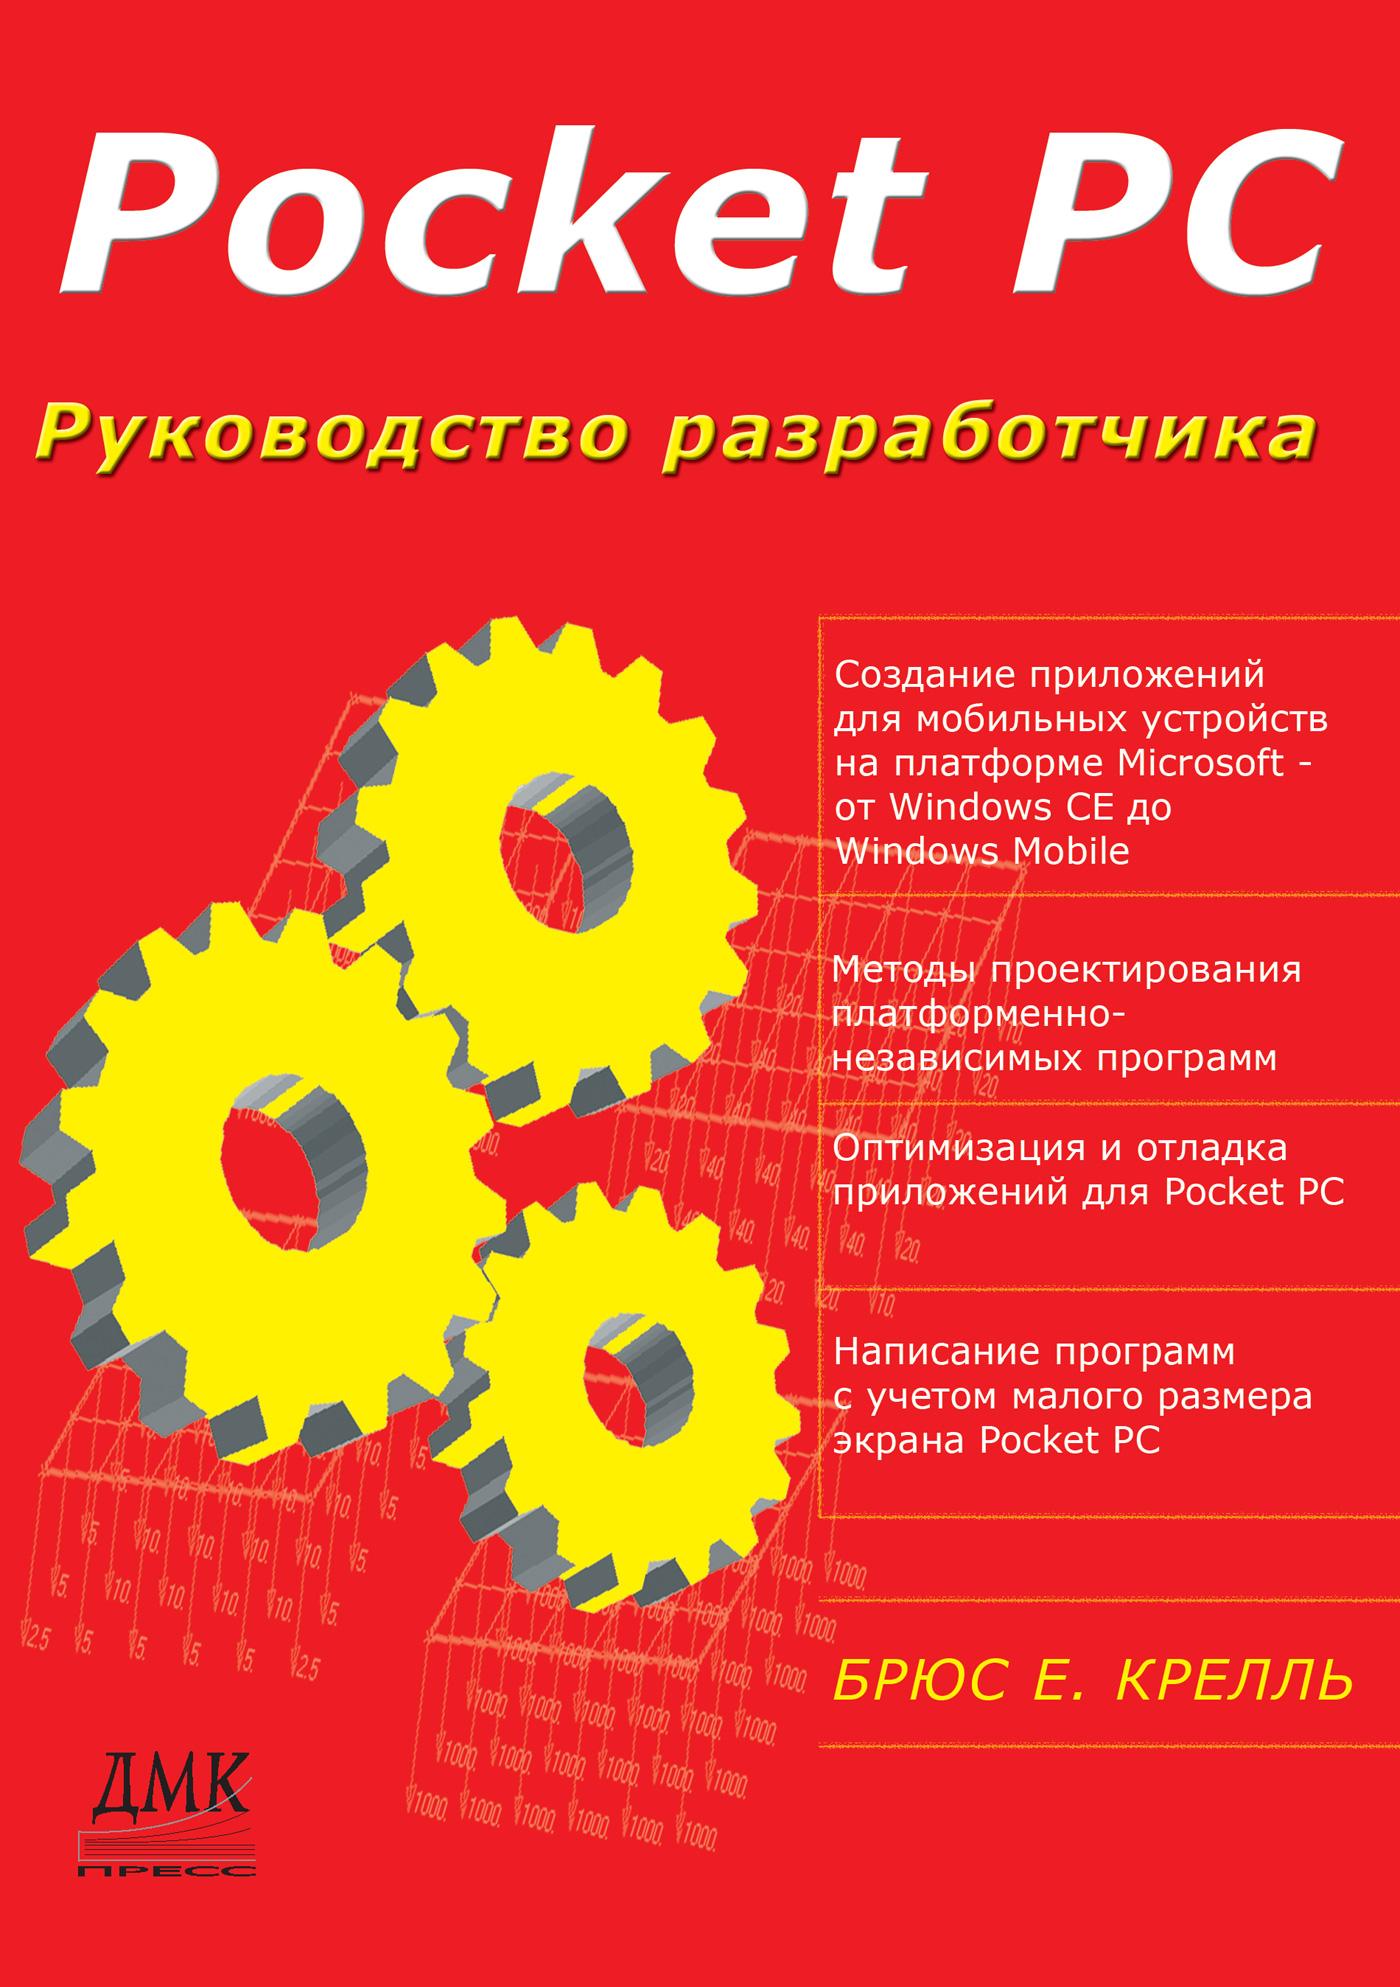 Брюс Крелль «Pocket PC. Руководство разработчика»